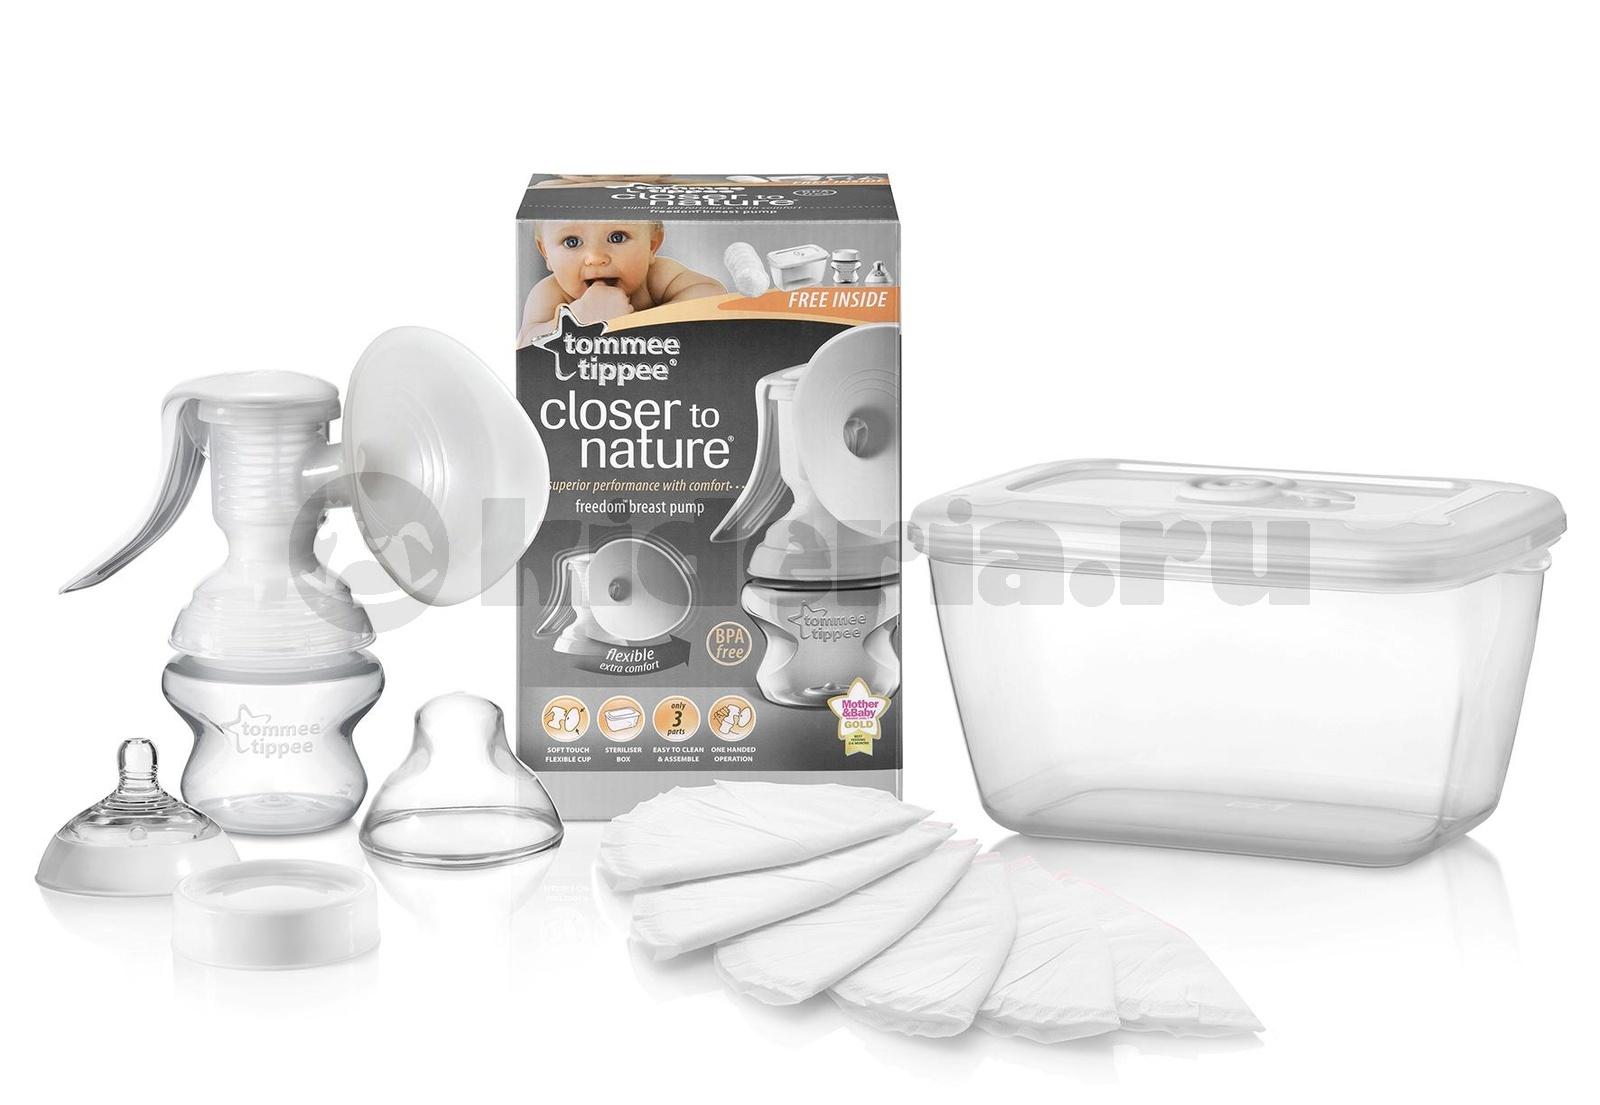 Молокоотсос ручной со стерилизатором - Товары для мамы, артикул: 163621